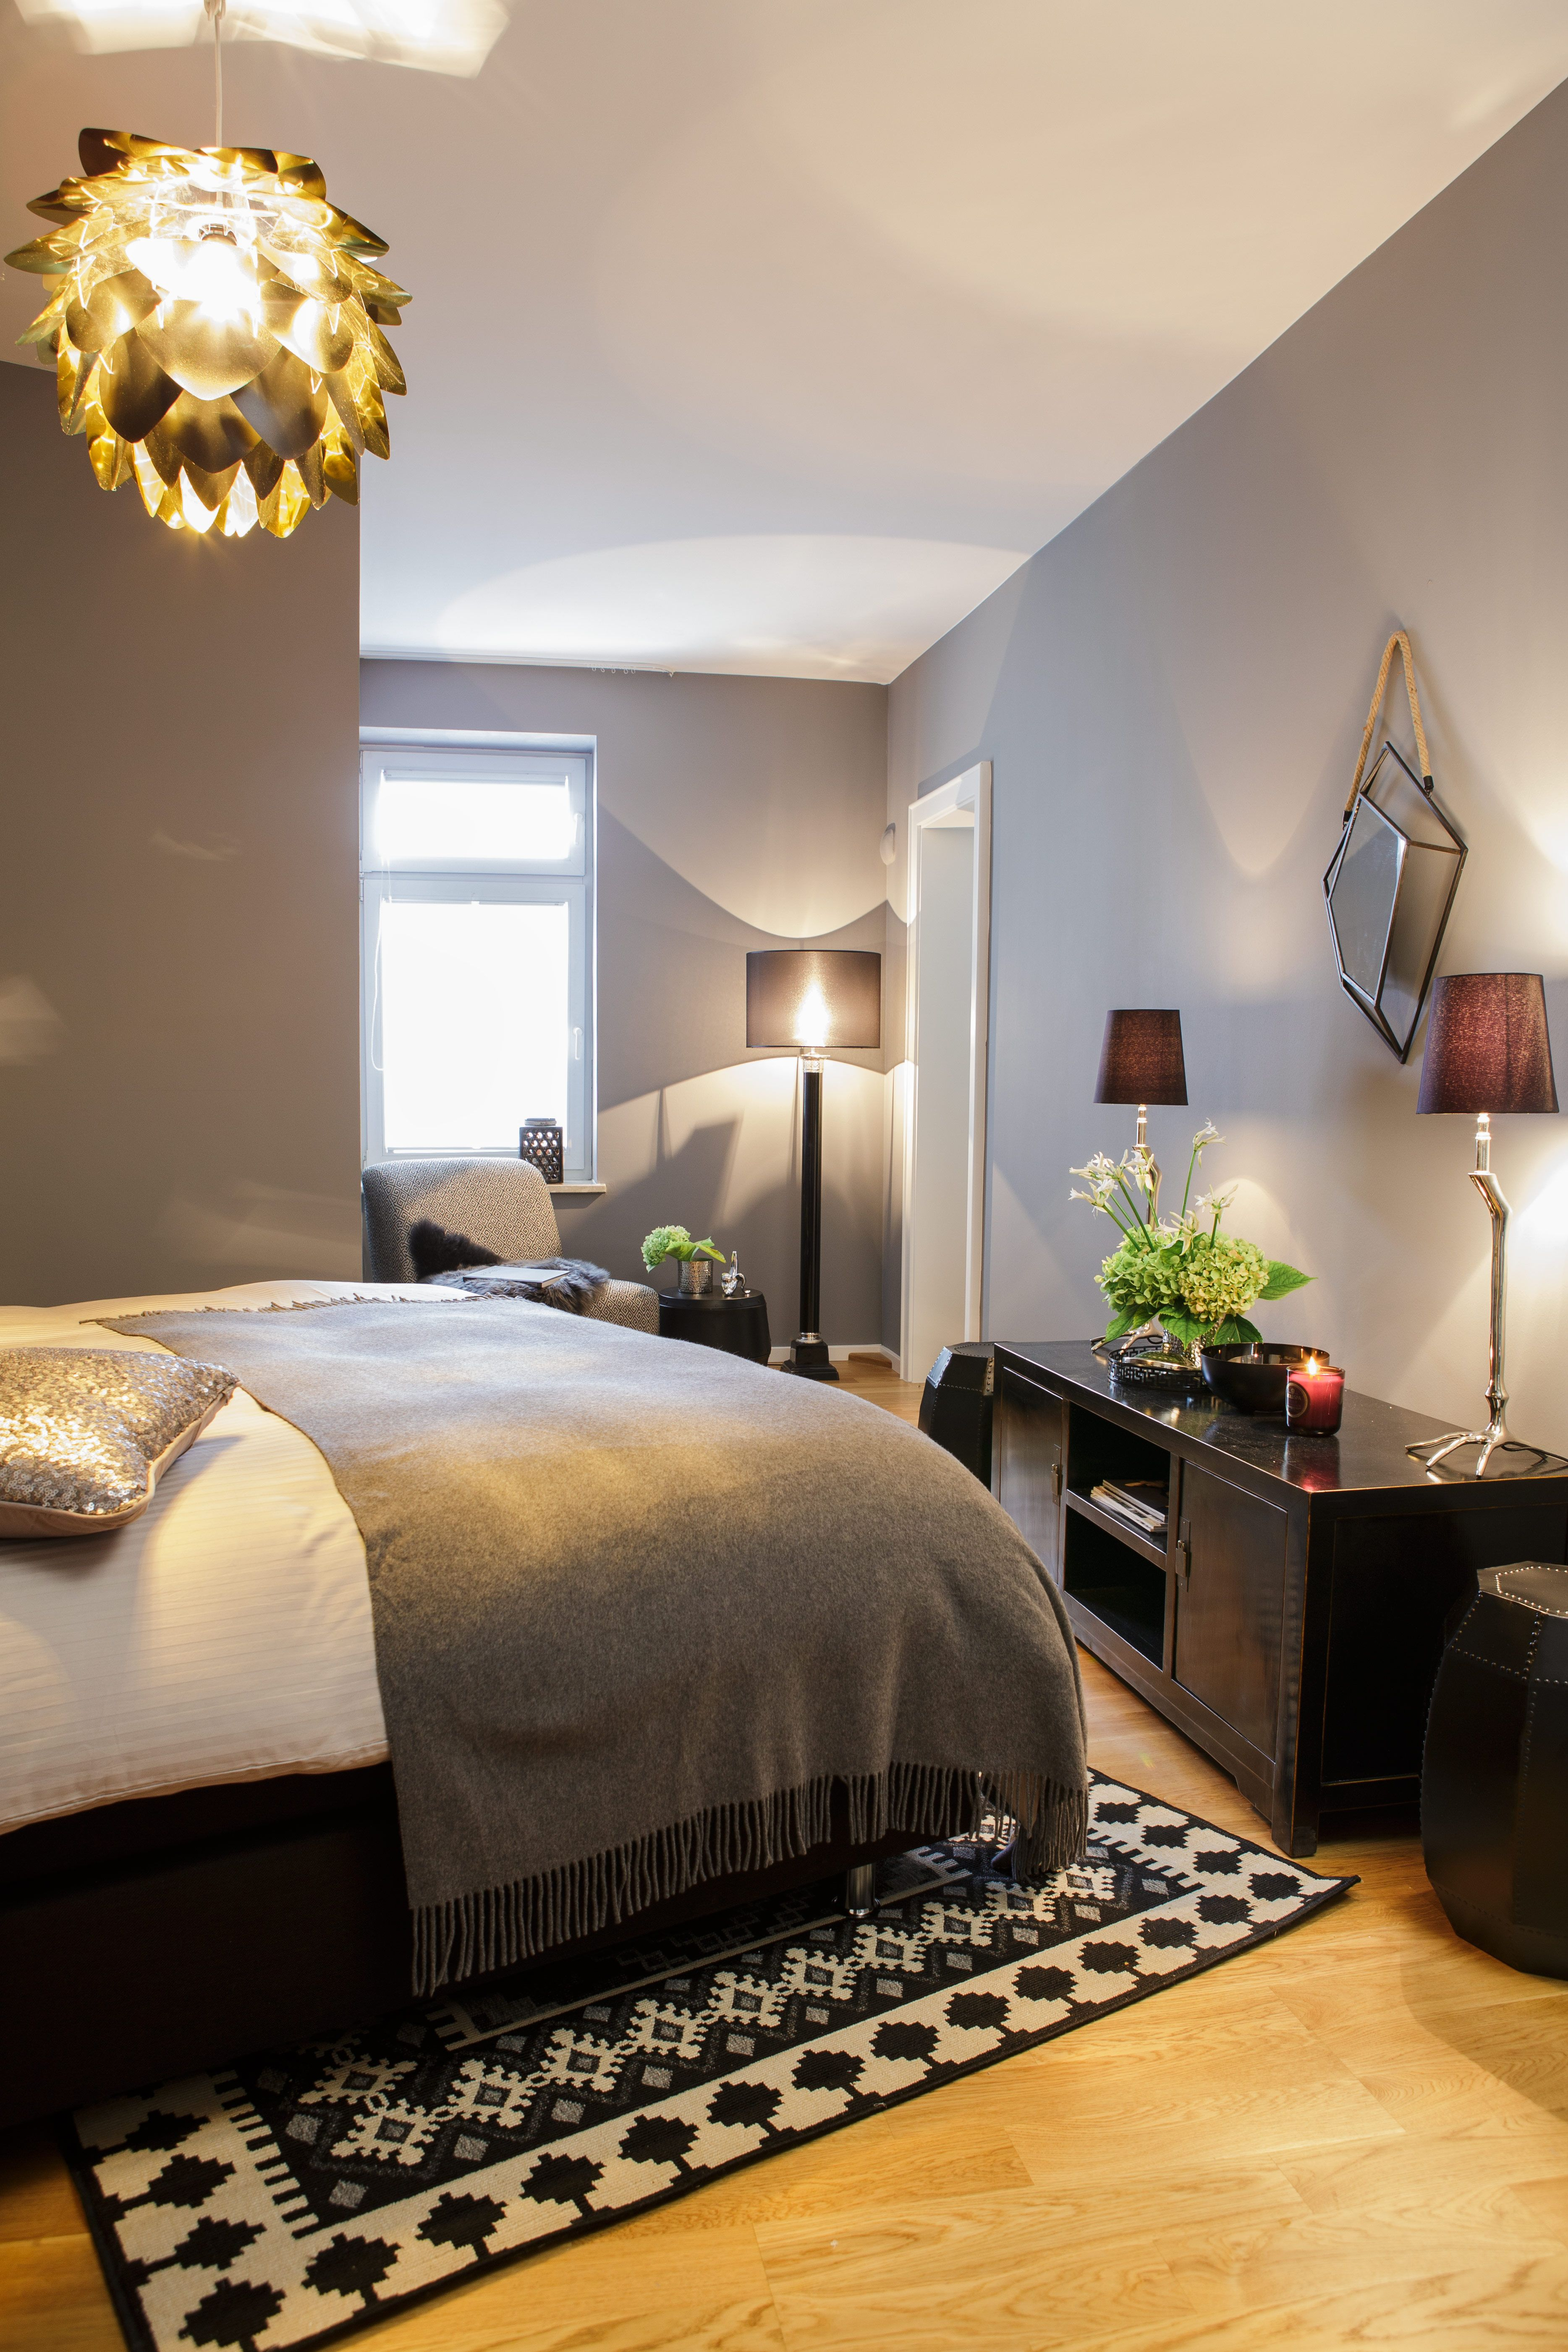 wie man sich bettet so liegt man mit silberst cken und grauer eleganz steht eurem k niglichen. Black Bedroom Furniture Sets. Home Design Ideas